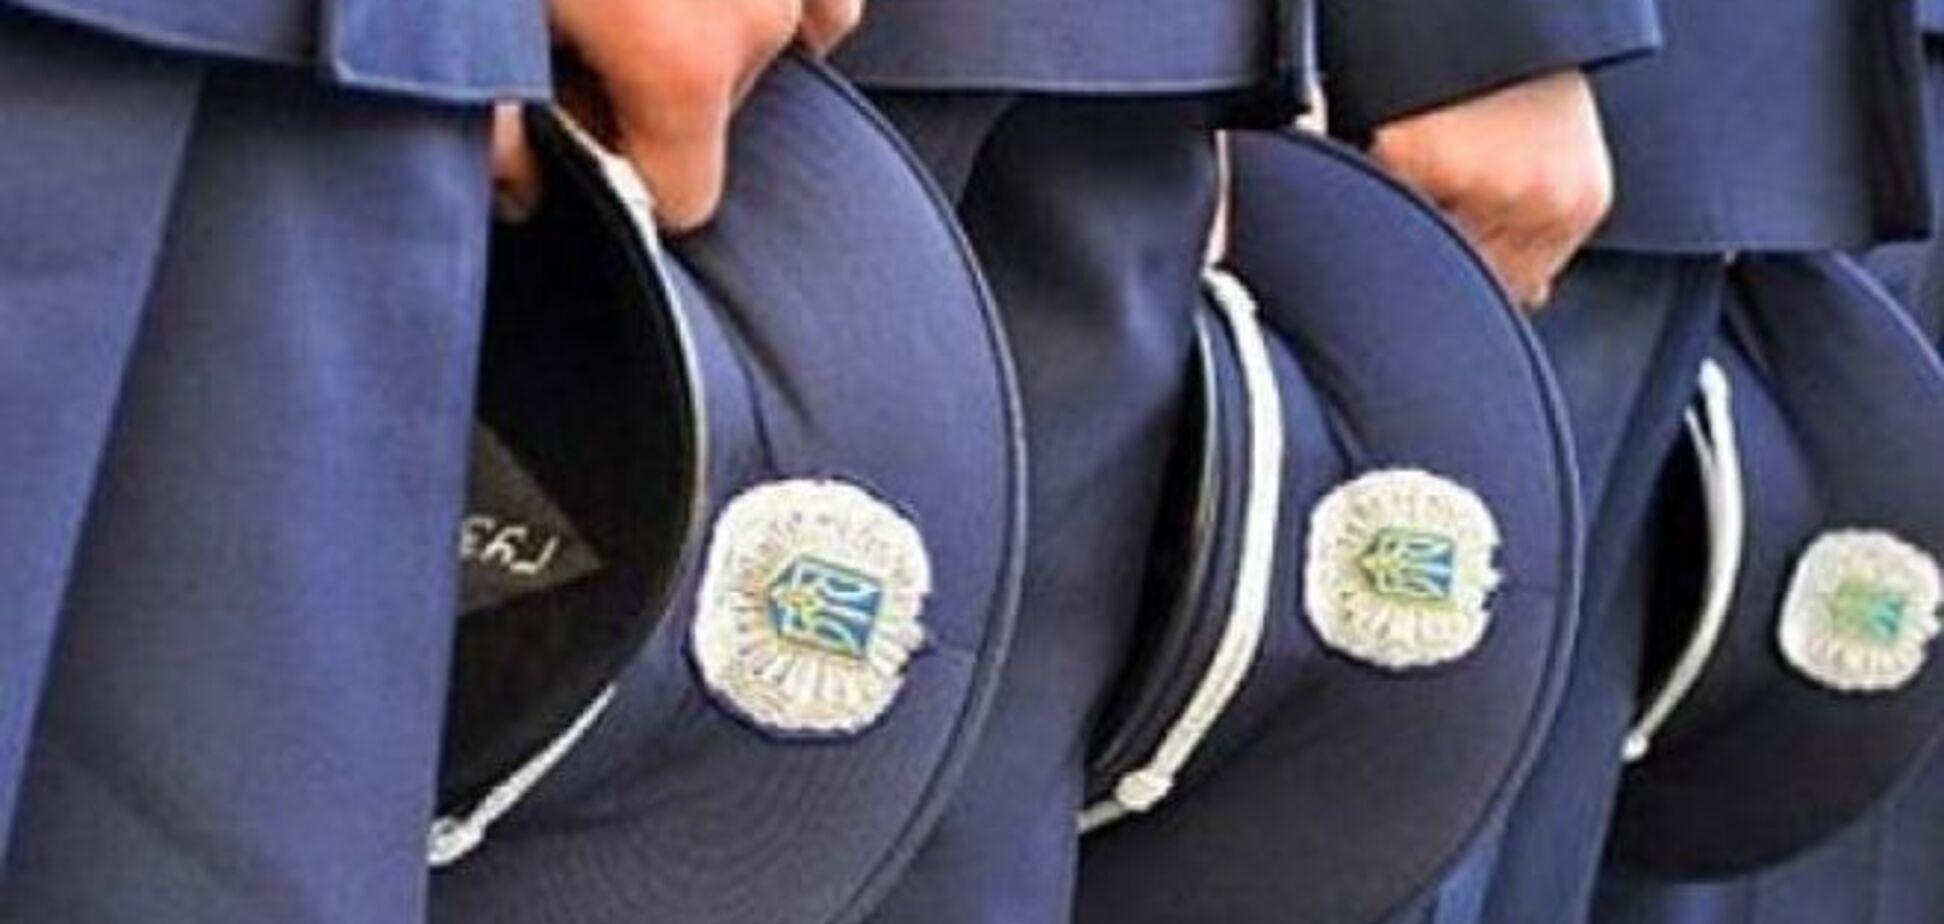 Чистка в МВД: свыше 30 руководителей райгоротделов прошли через детекторы лжи и психологов